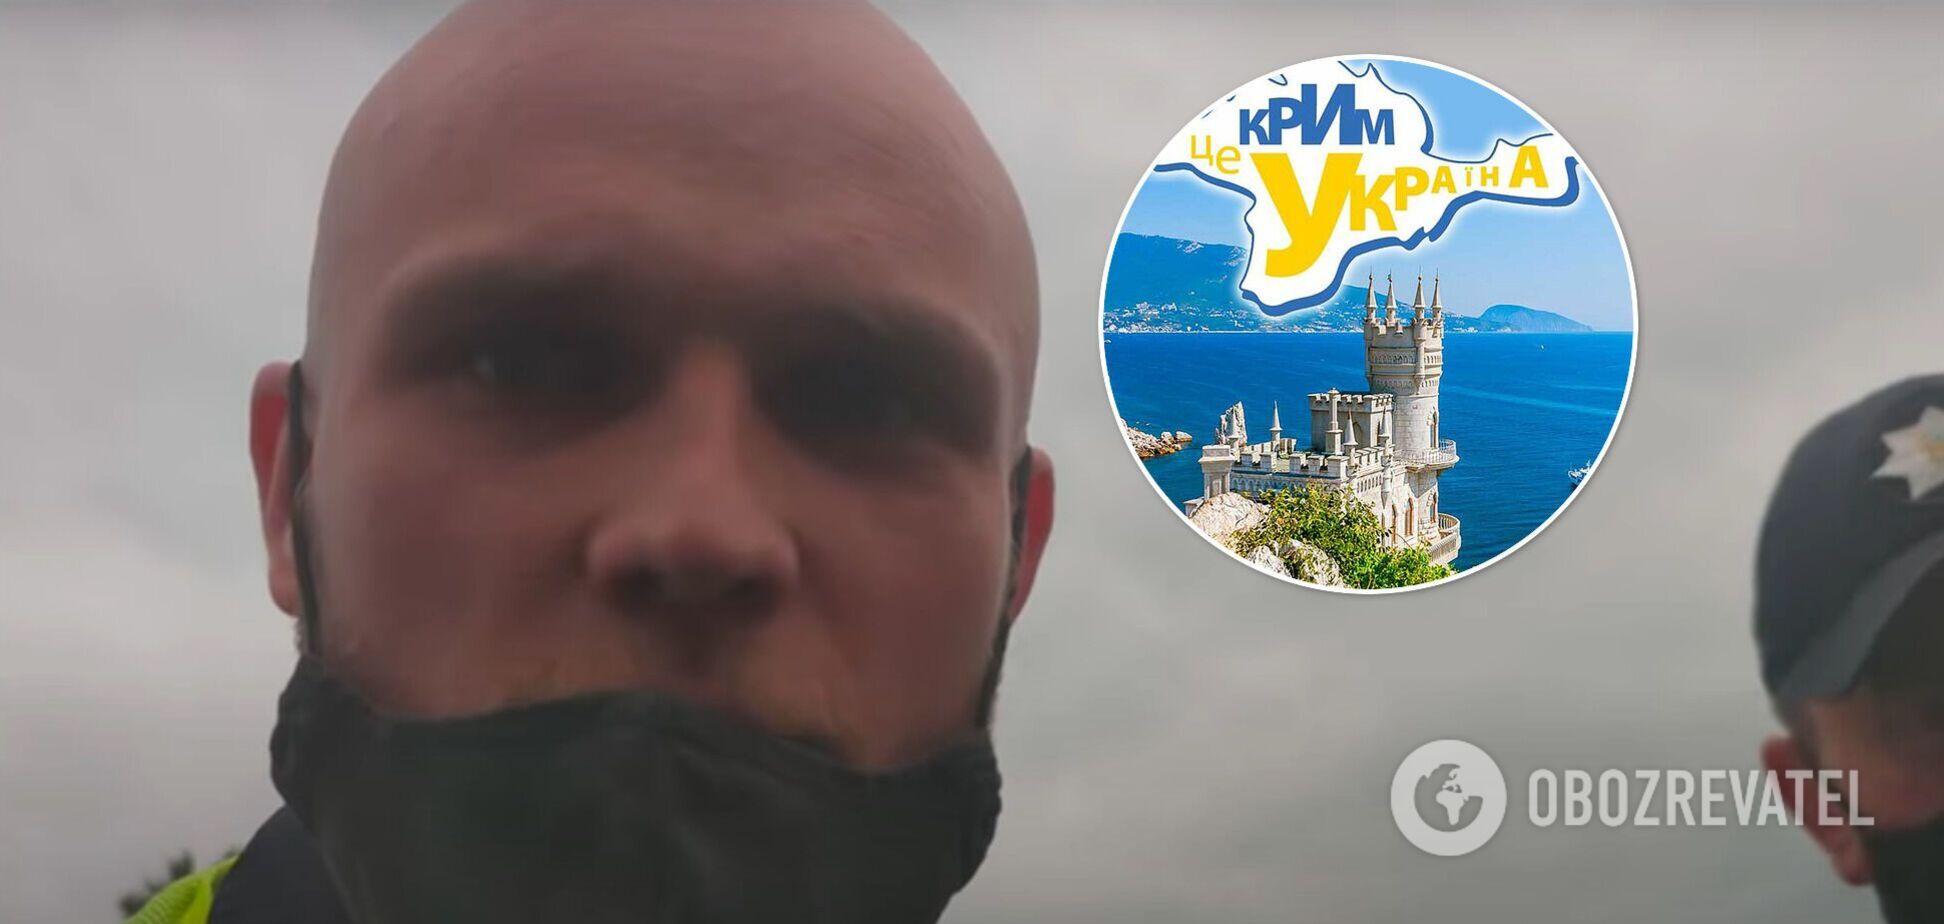 В Киеве патрульный заявил, что ему все равно, чей Крым. Видео